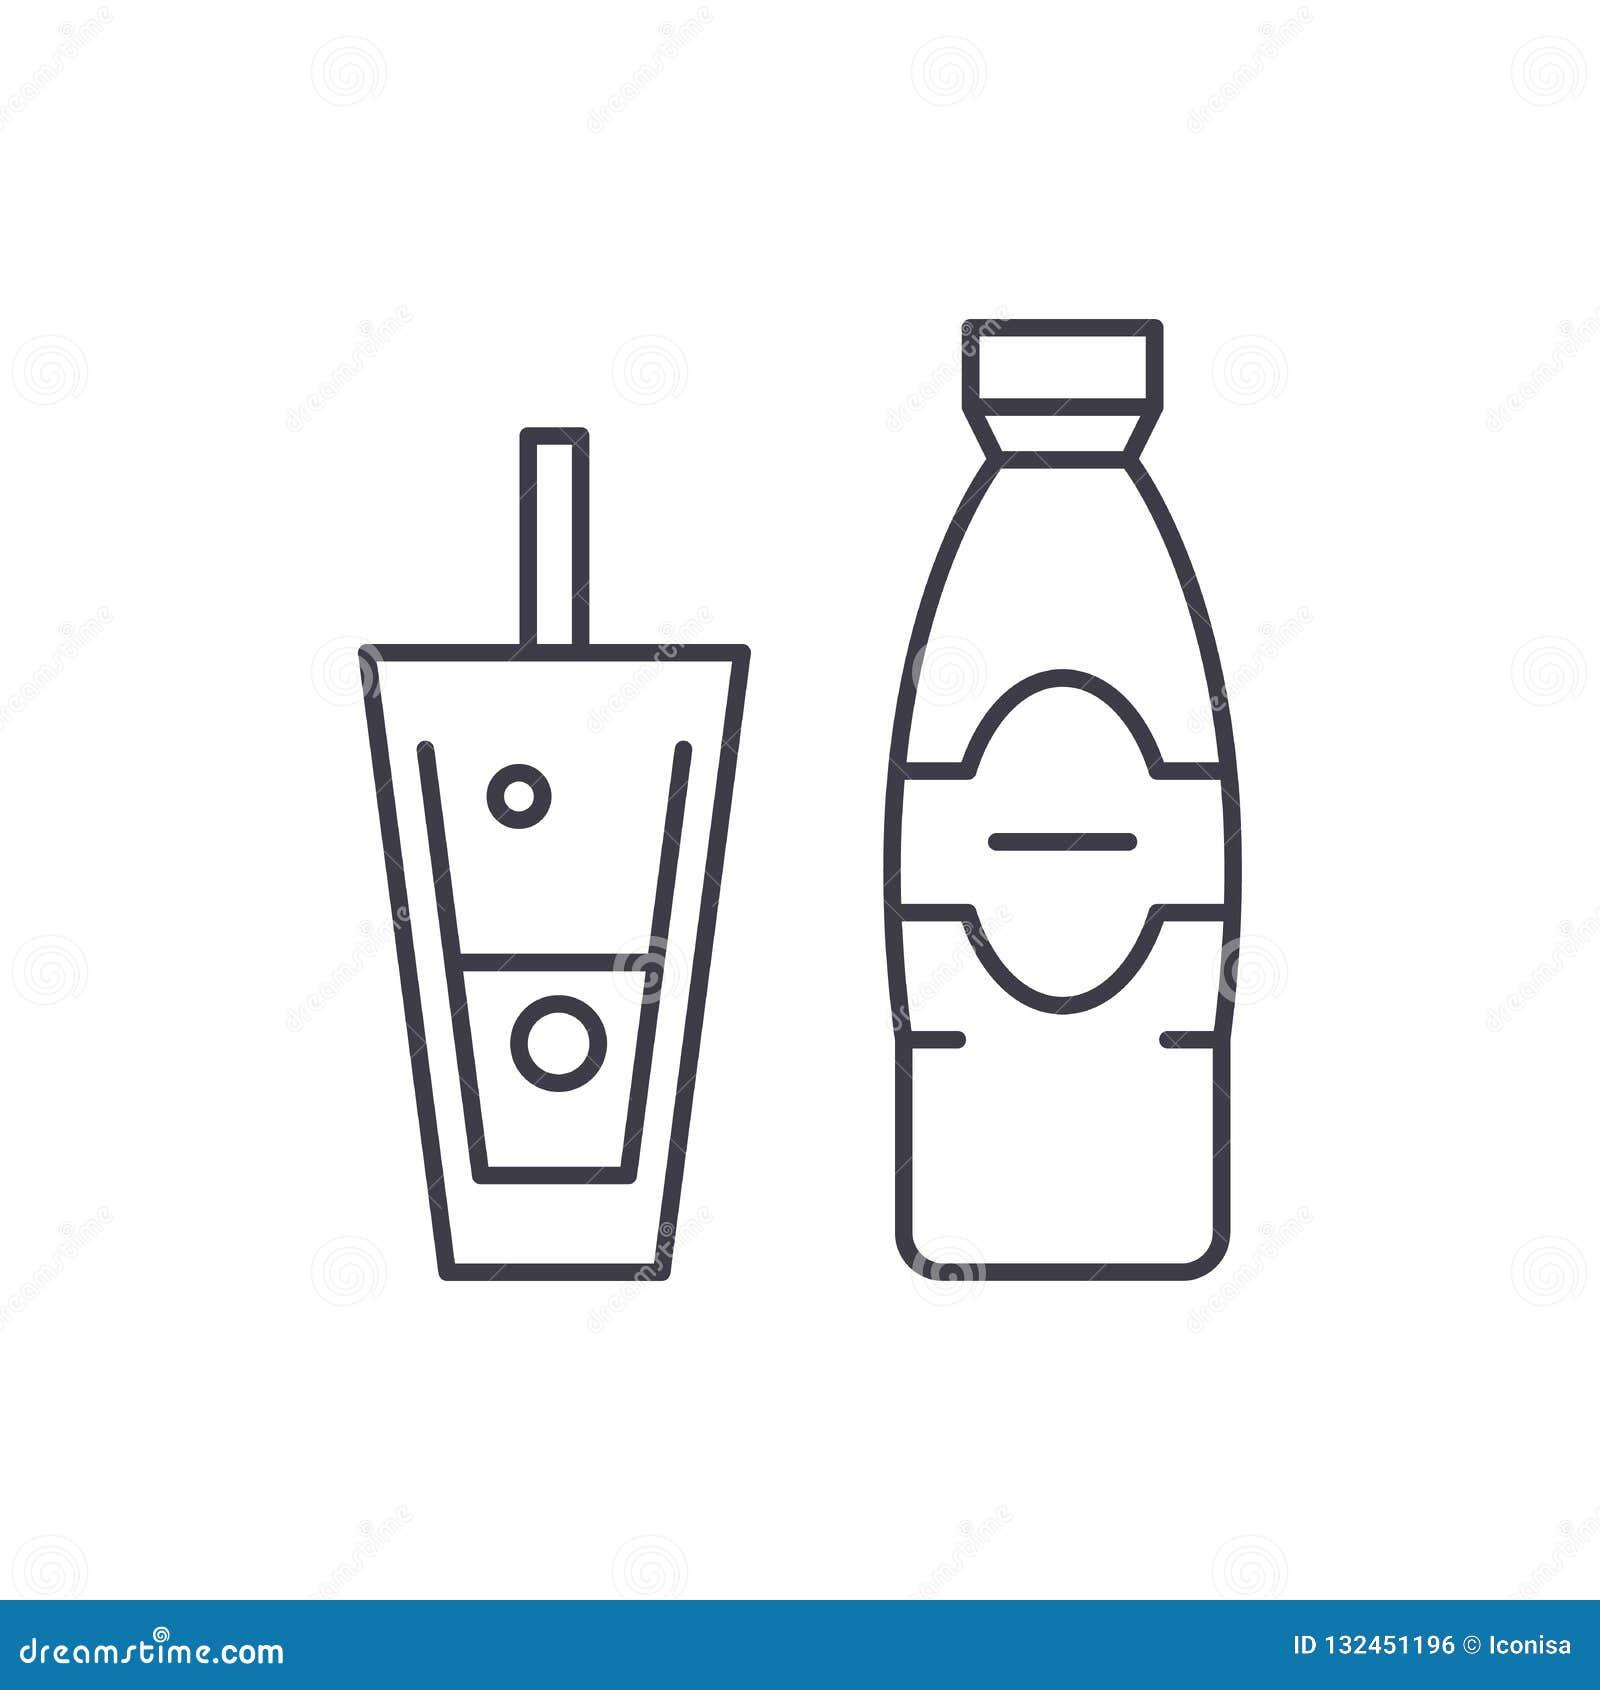 d78ace0190 Bouteille et verre de ligne de flottaison minérale concept d'icône Bouteille  et verre d'illustration linéaire de vecteur de l'eau minérale, signe,  symbole